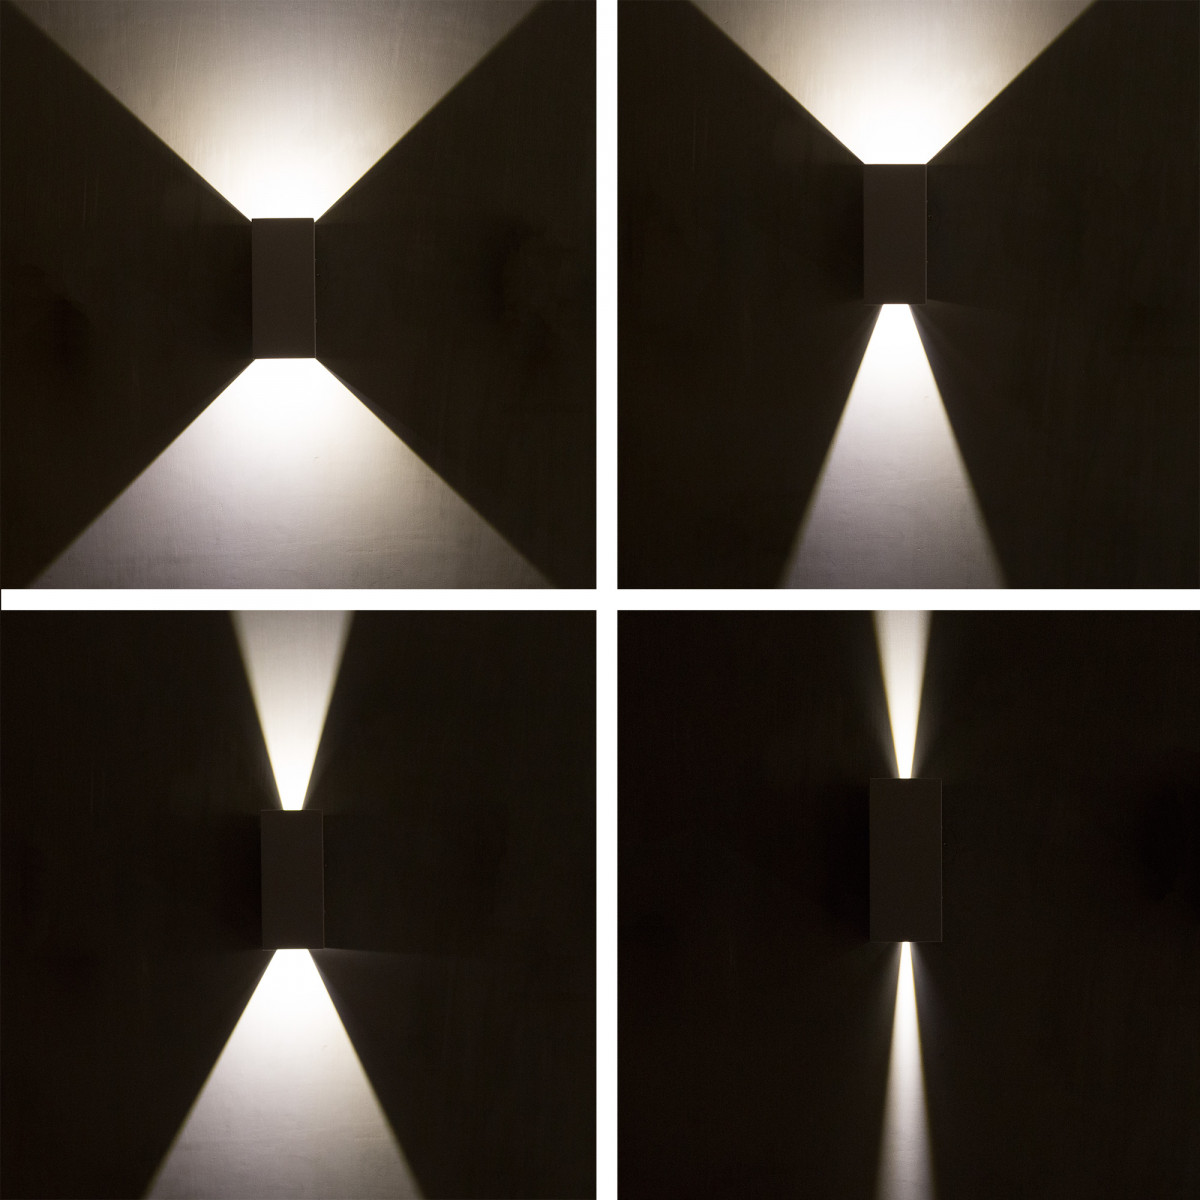 Antraciete rechthoekige buitenwandlamp met geïntegreerd led lichtbundels up en down zijn met shutters instelbaar, prachtige wandspot voor accentverlichting op de buitenmuur